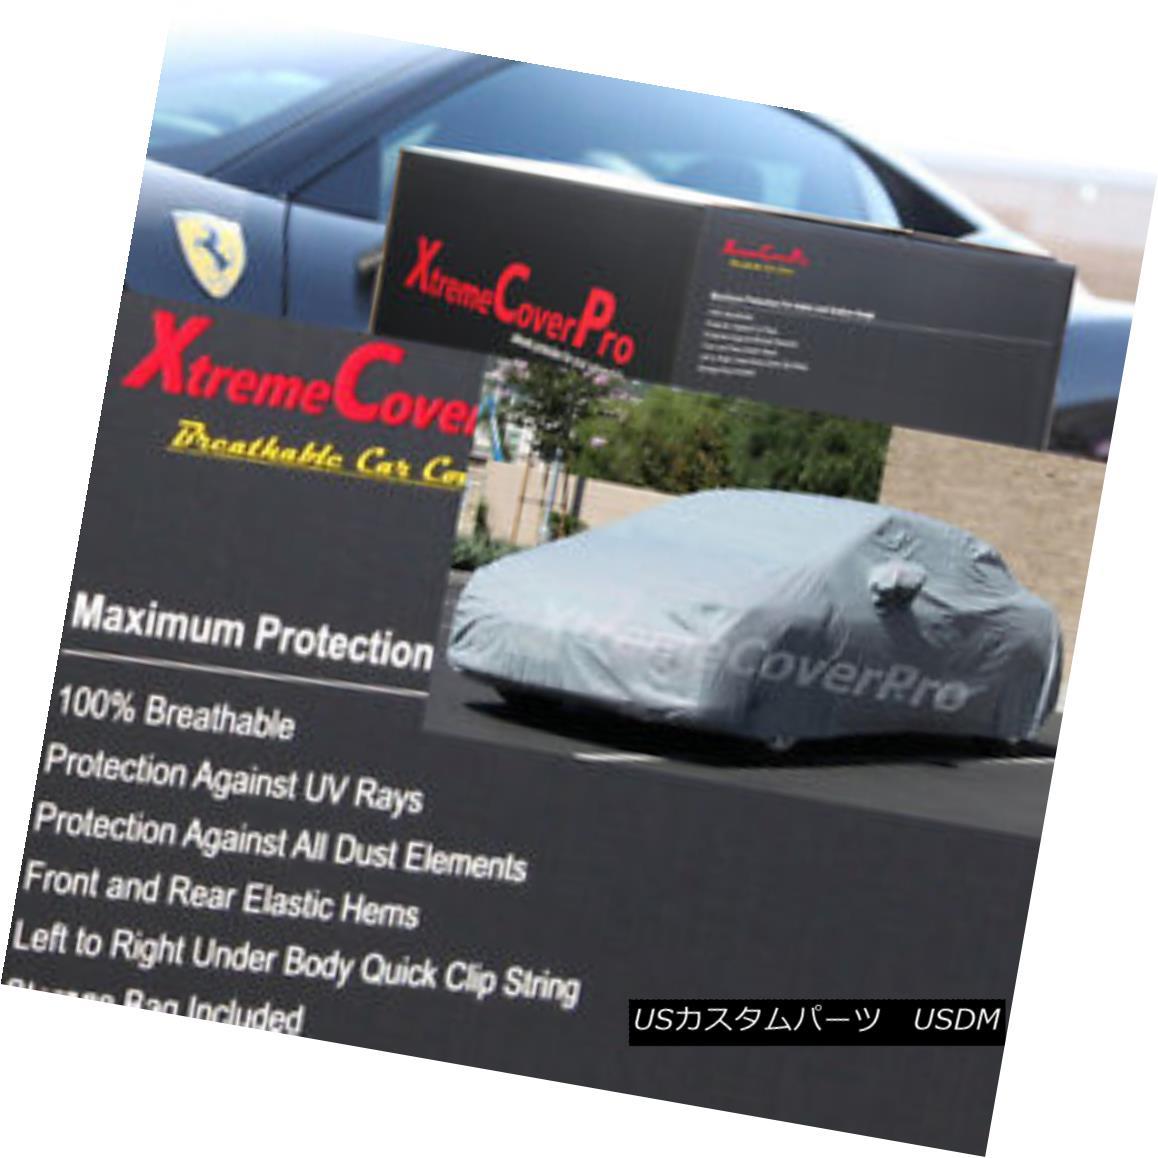 カーカバー 2014 Porsche Boxster Breathable Car Cover w/ Mirror Pocket 2014ポルシェボクスター通気性車カバー(ミラーポケット付)